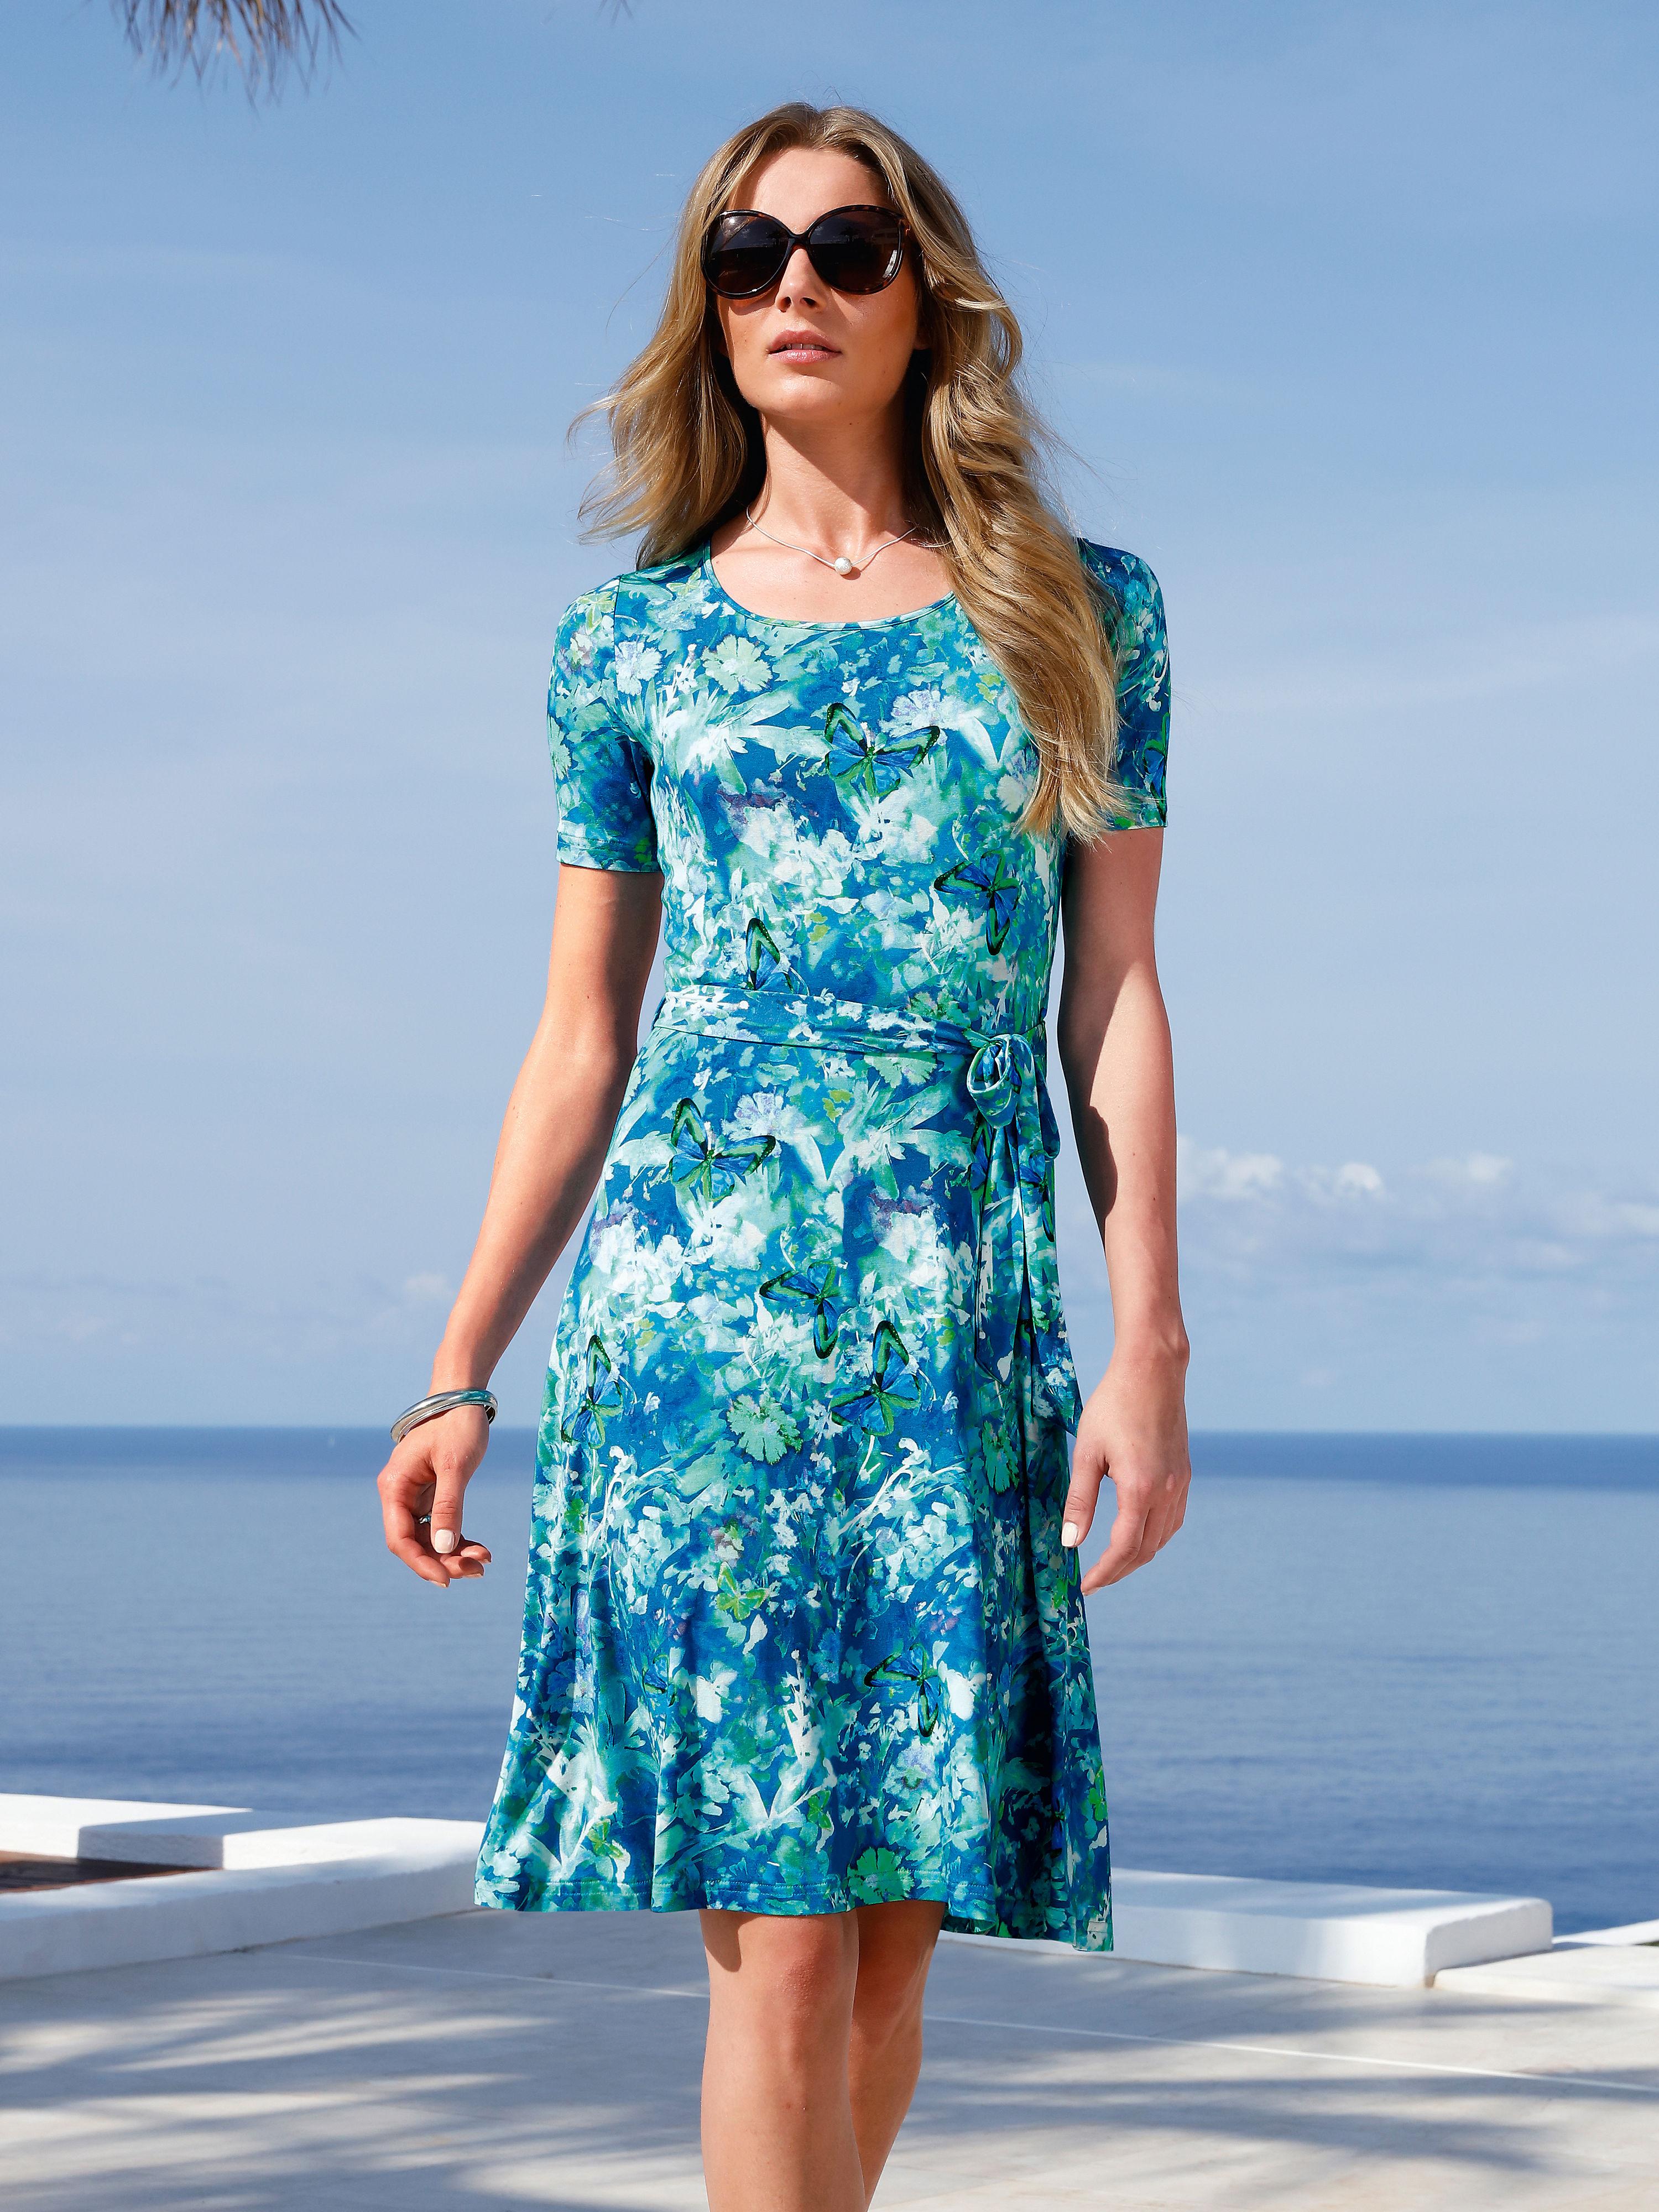 Damen Alles zu Kleider online günstig kaufen über shop24.at   shop24 143ddc330e